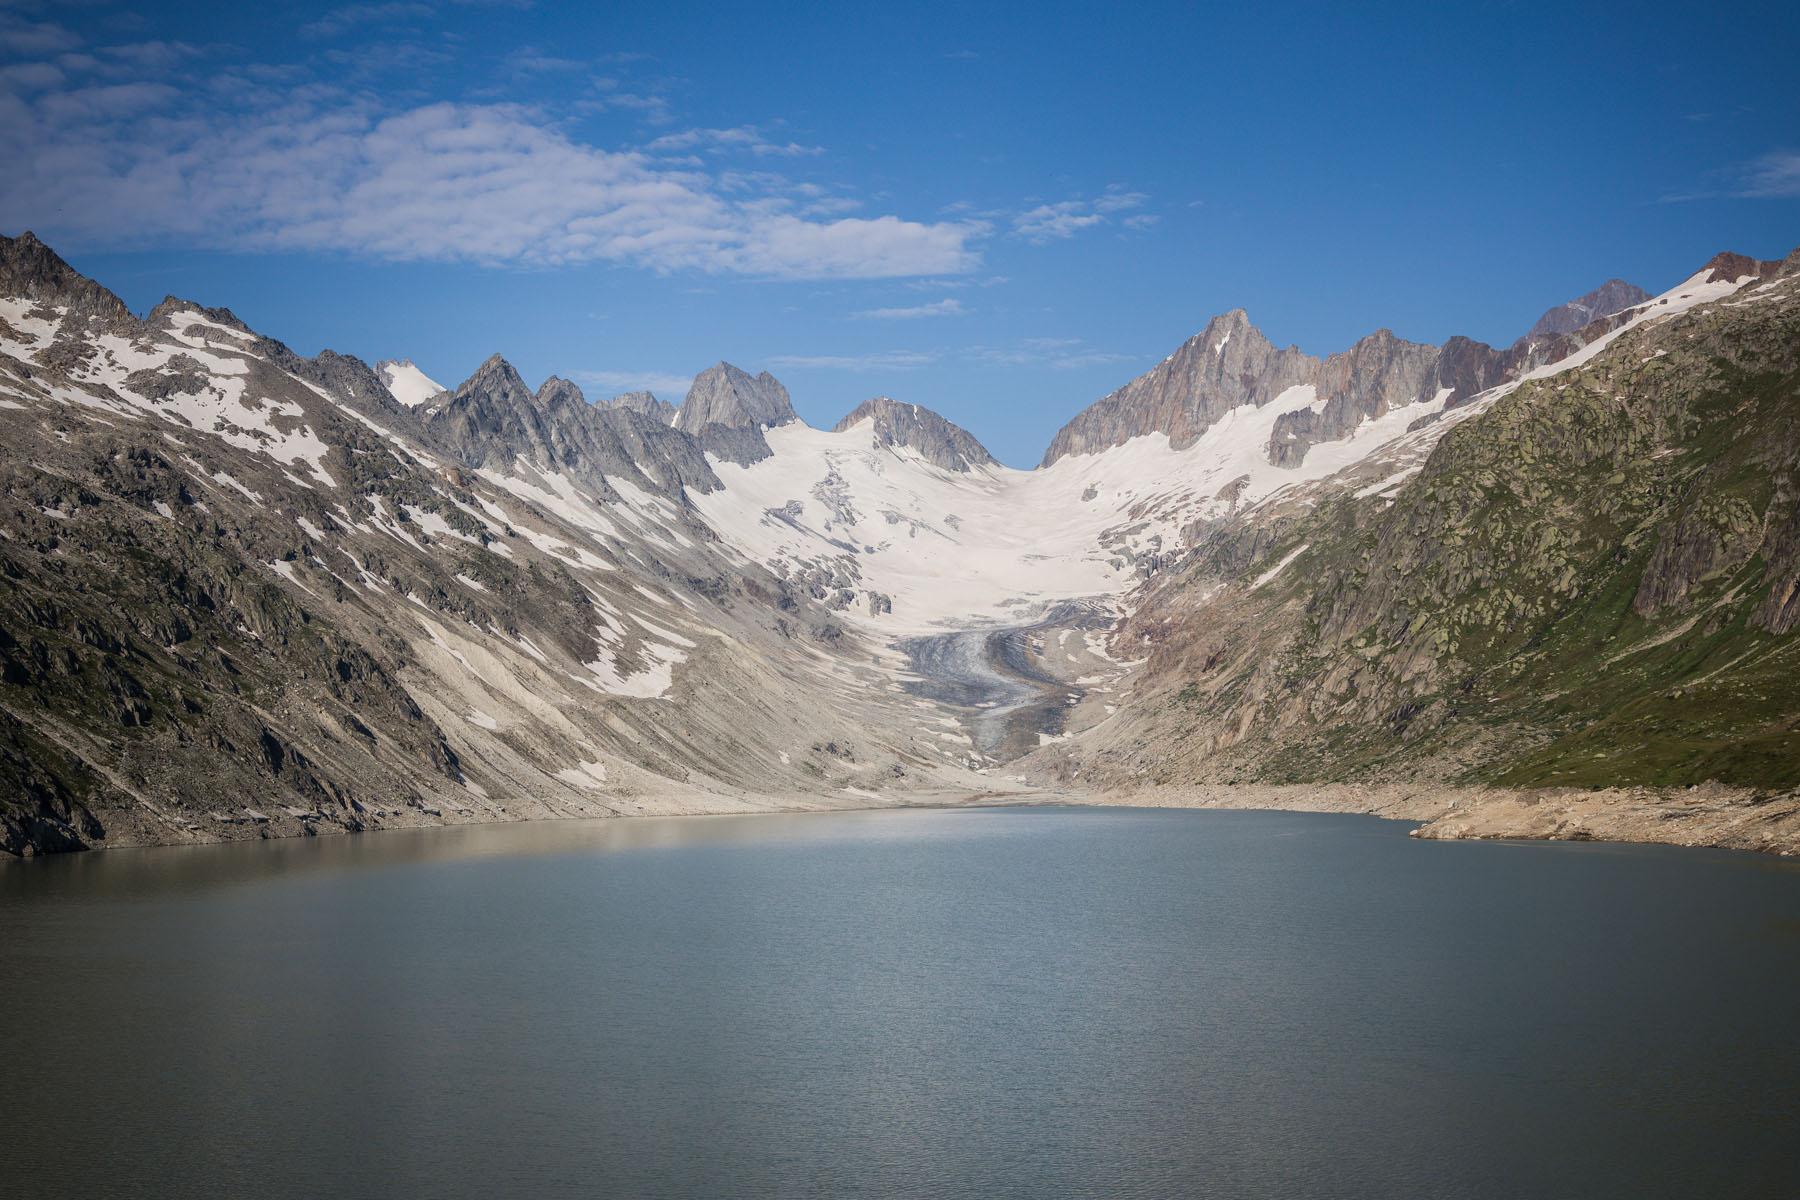 Le lac artificiel de l'Oberaar, en-dessous du glacier de l'Oberaar, est le lac à la plus haute altitude dans la région de la source de l'Aar, dans la Grimselwelt.